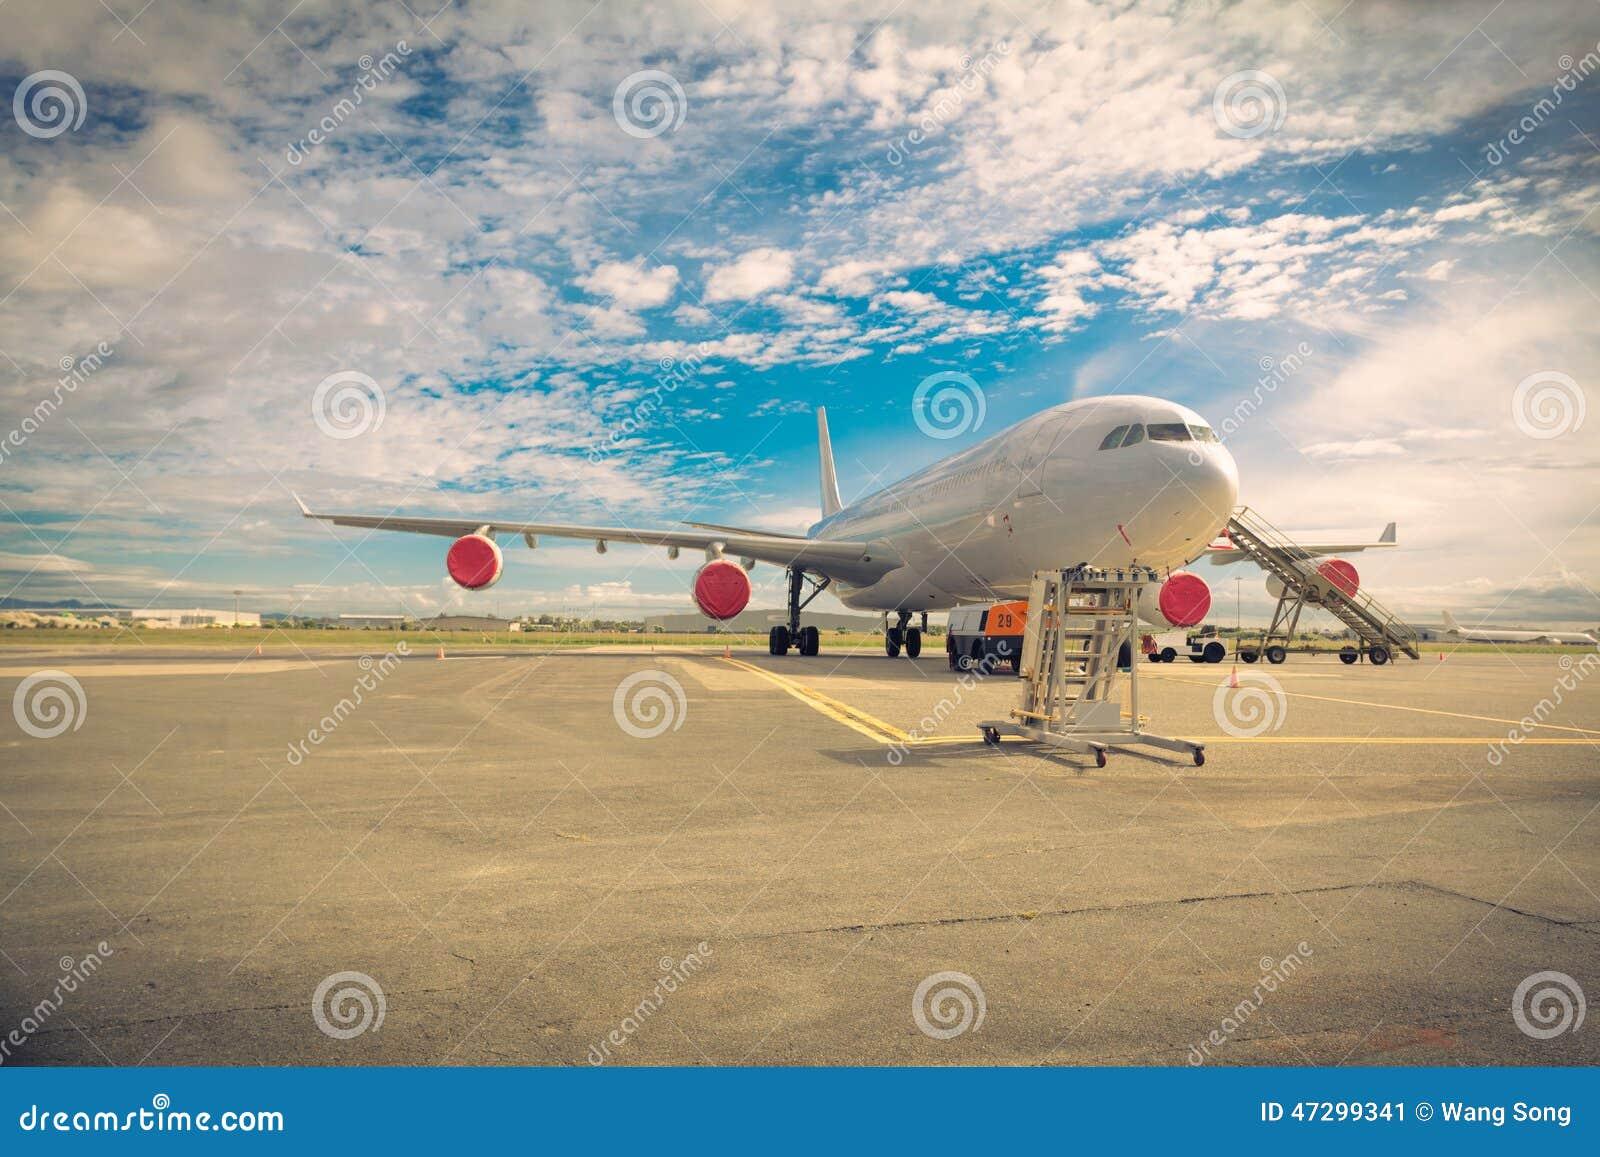 Vliegtuigen op het tarmac